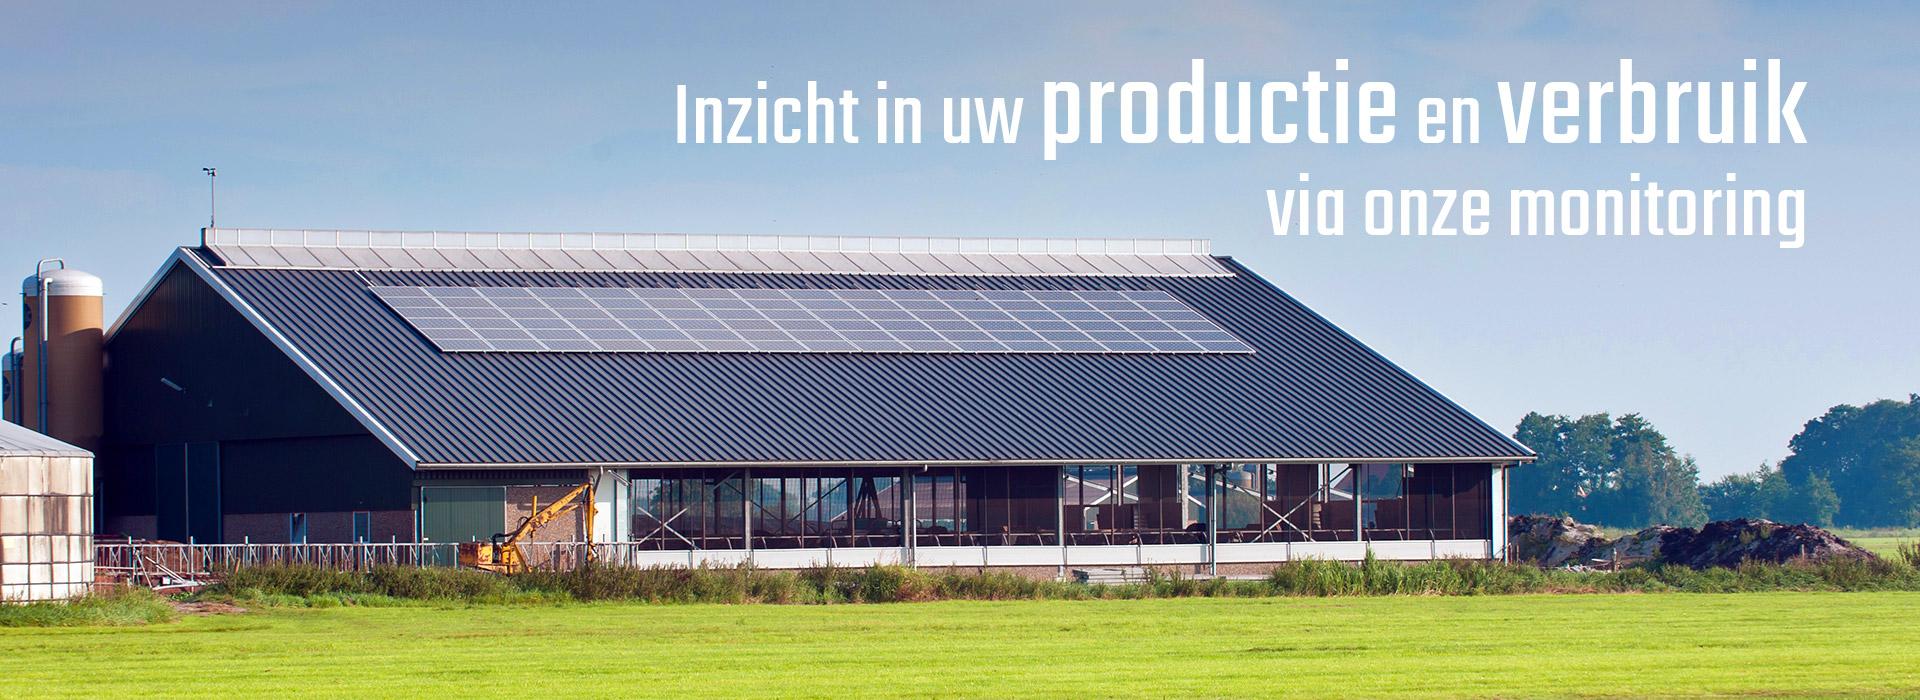 Regio Duurzaam inzicht in productie en gebruik via monitoring